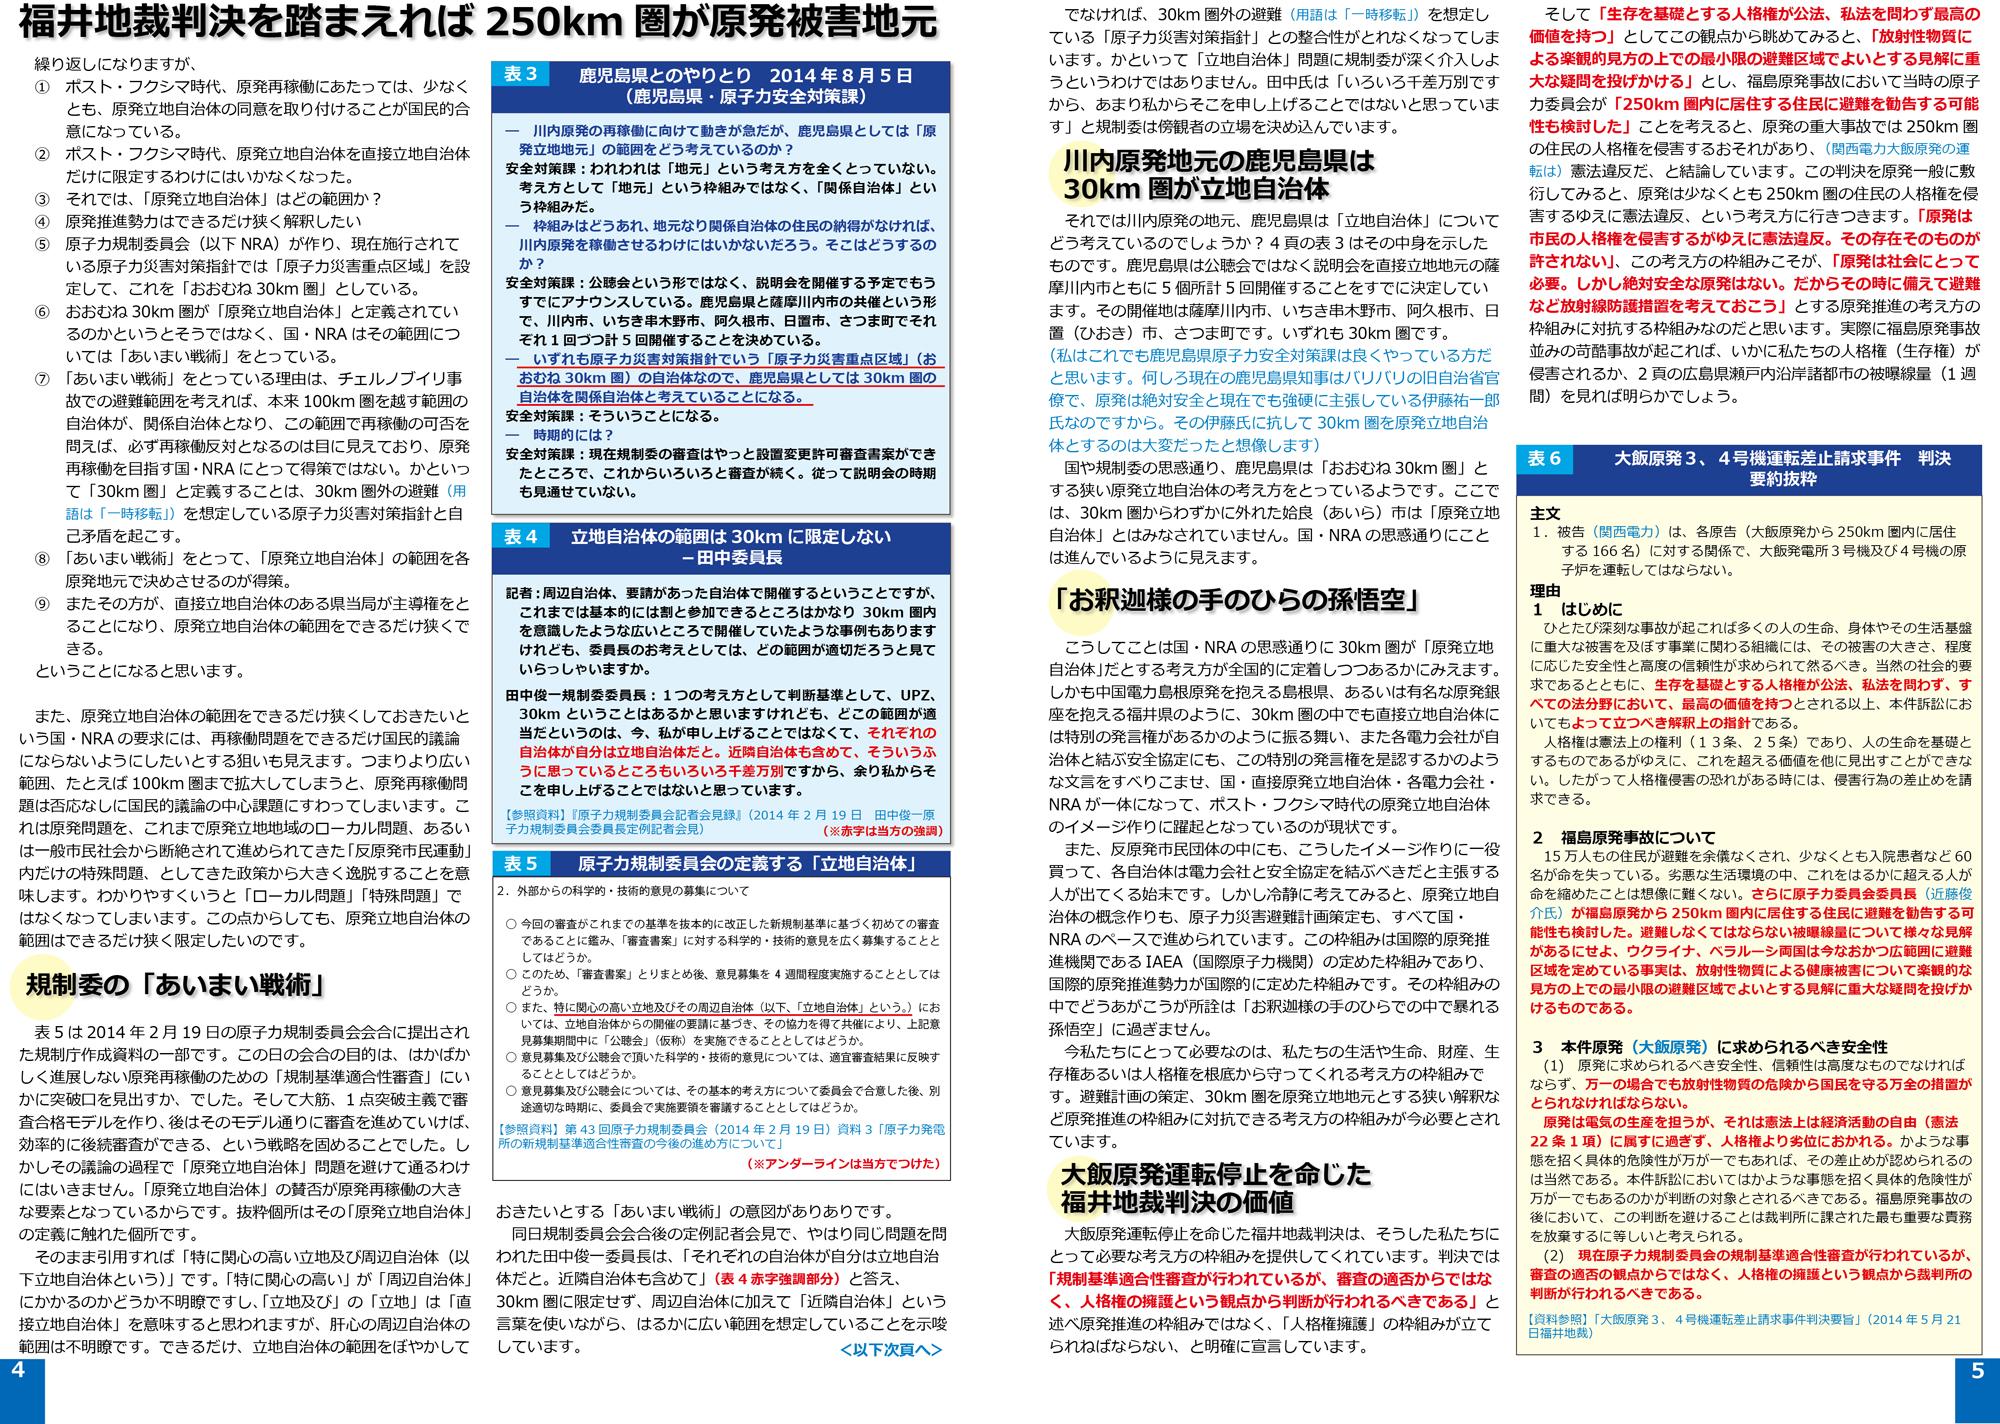 ファイル 27-3.jpg